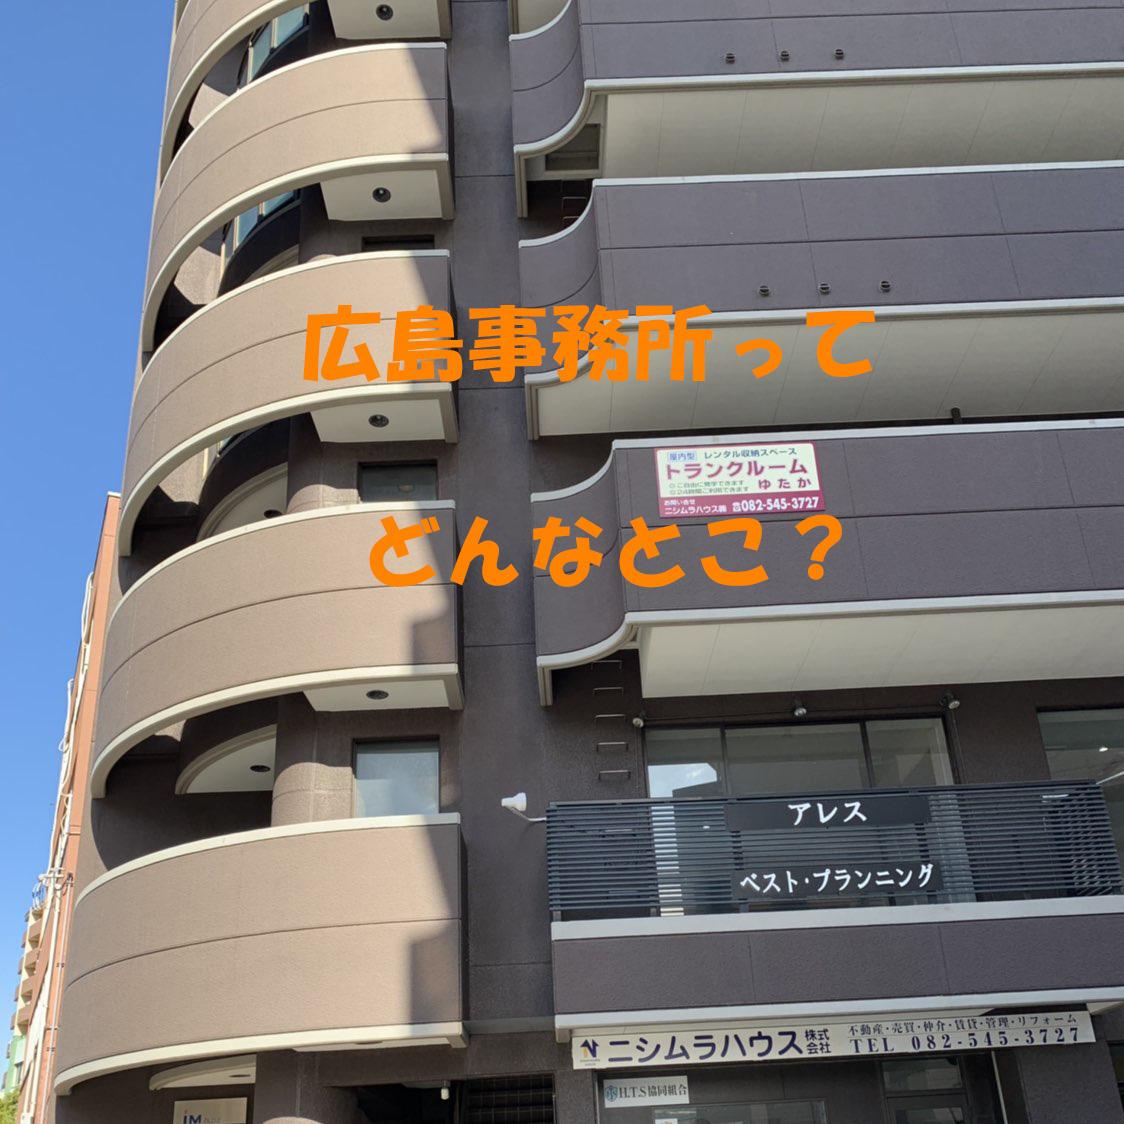 広島事務所ってどんなとこ?